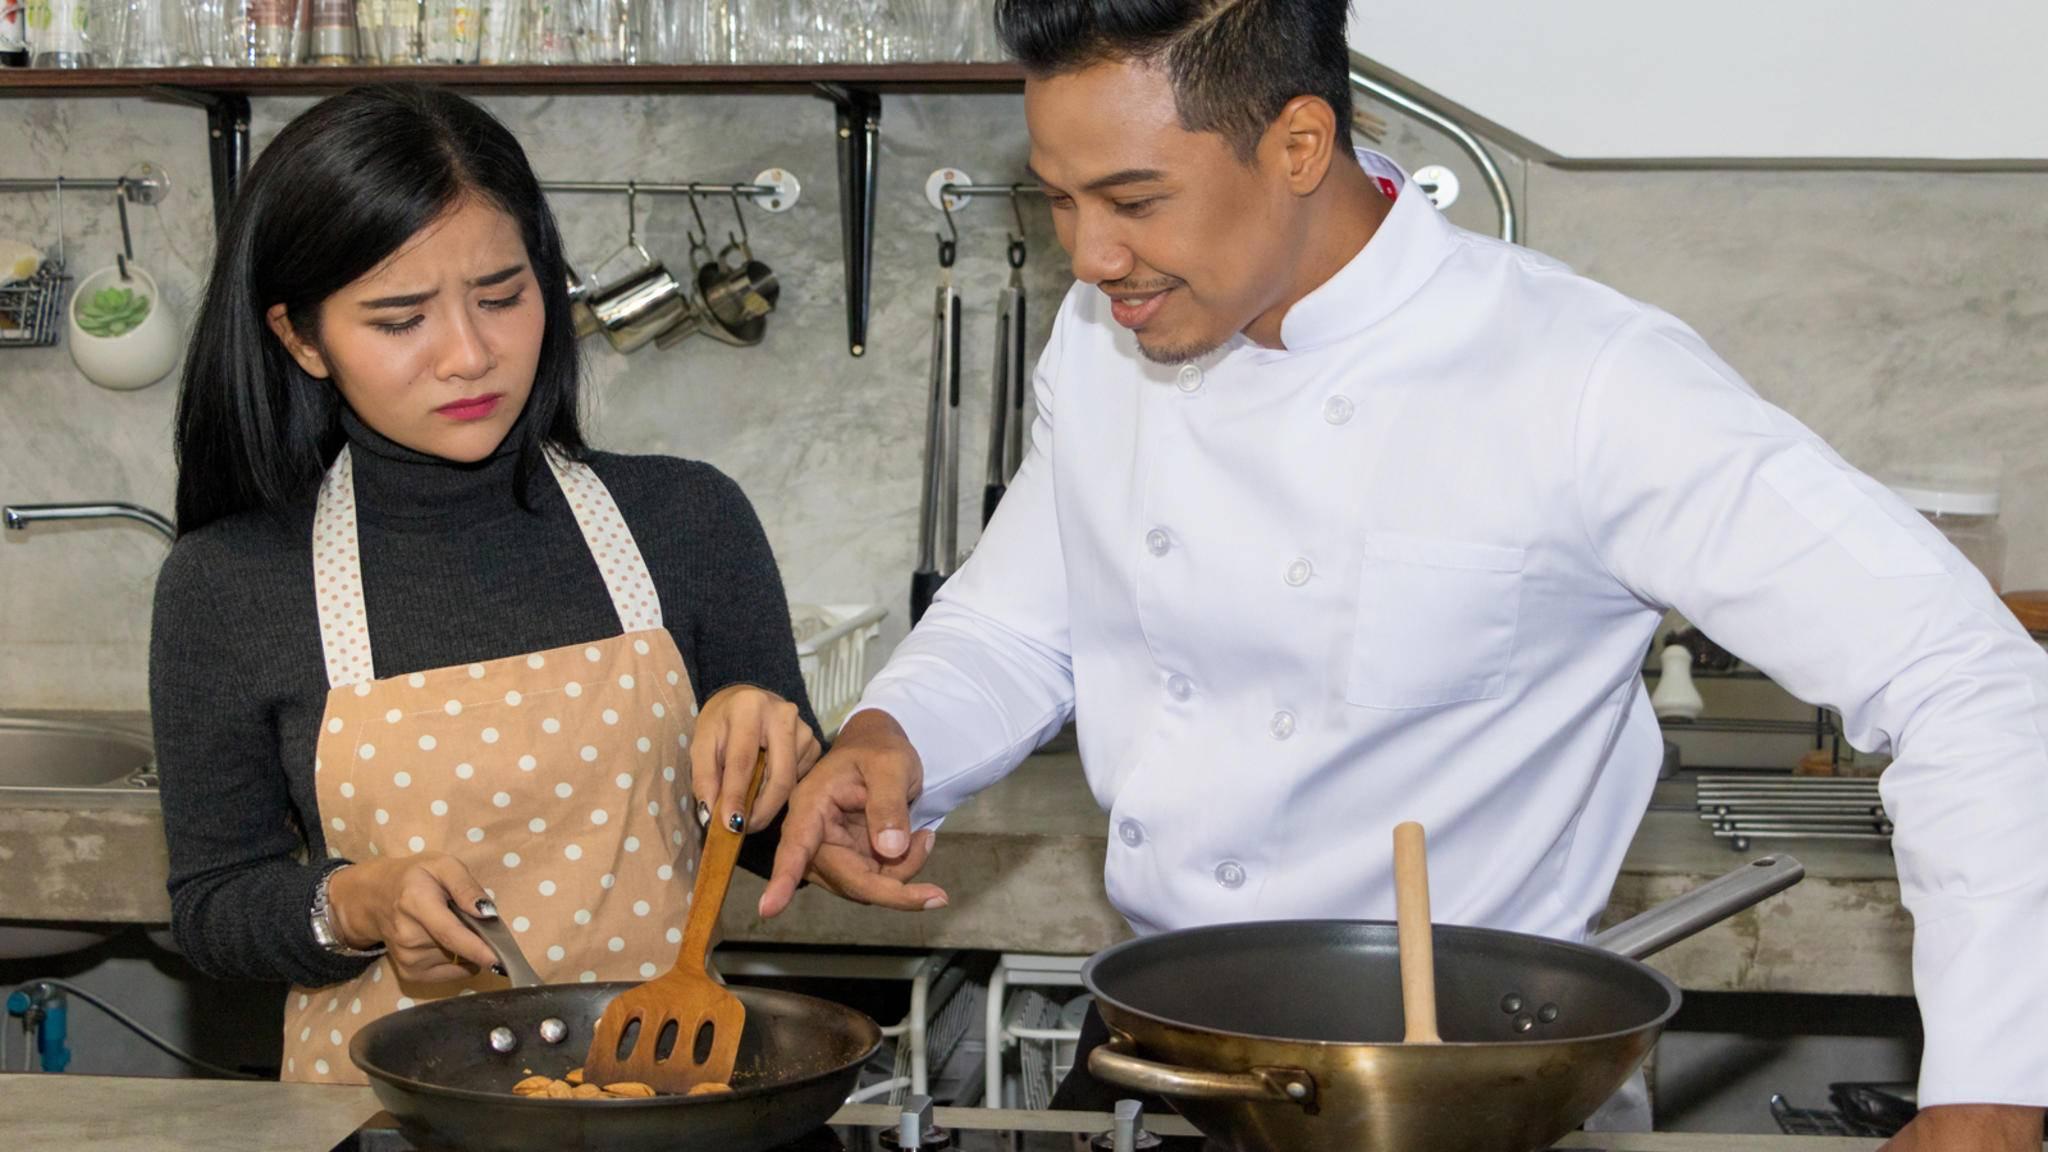 Solche Szenen könnten dank eines neuen Kochroboters aus China bald der Vergangenheit angehören.